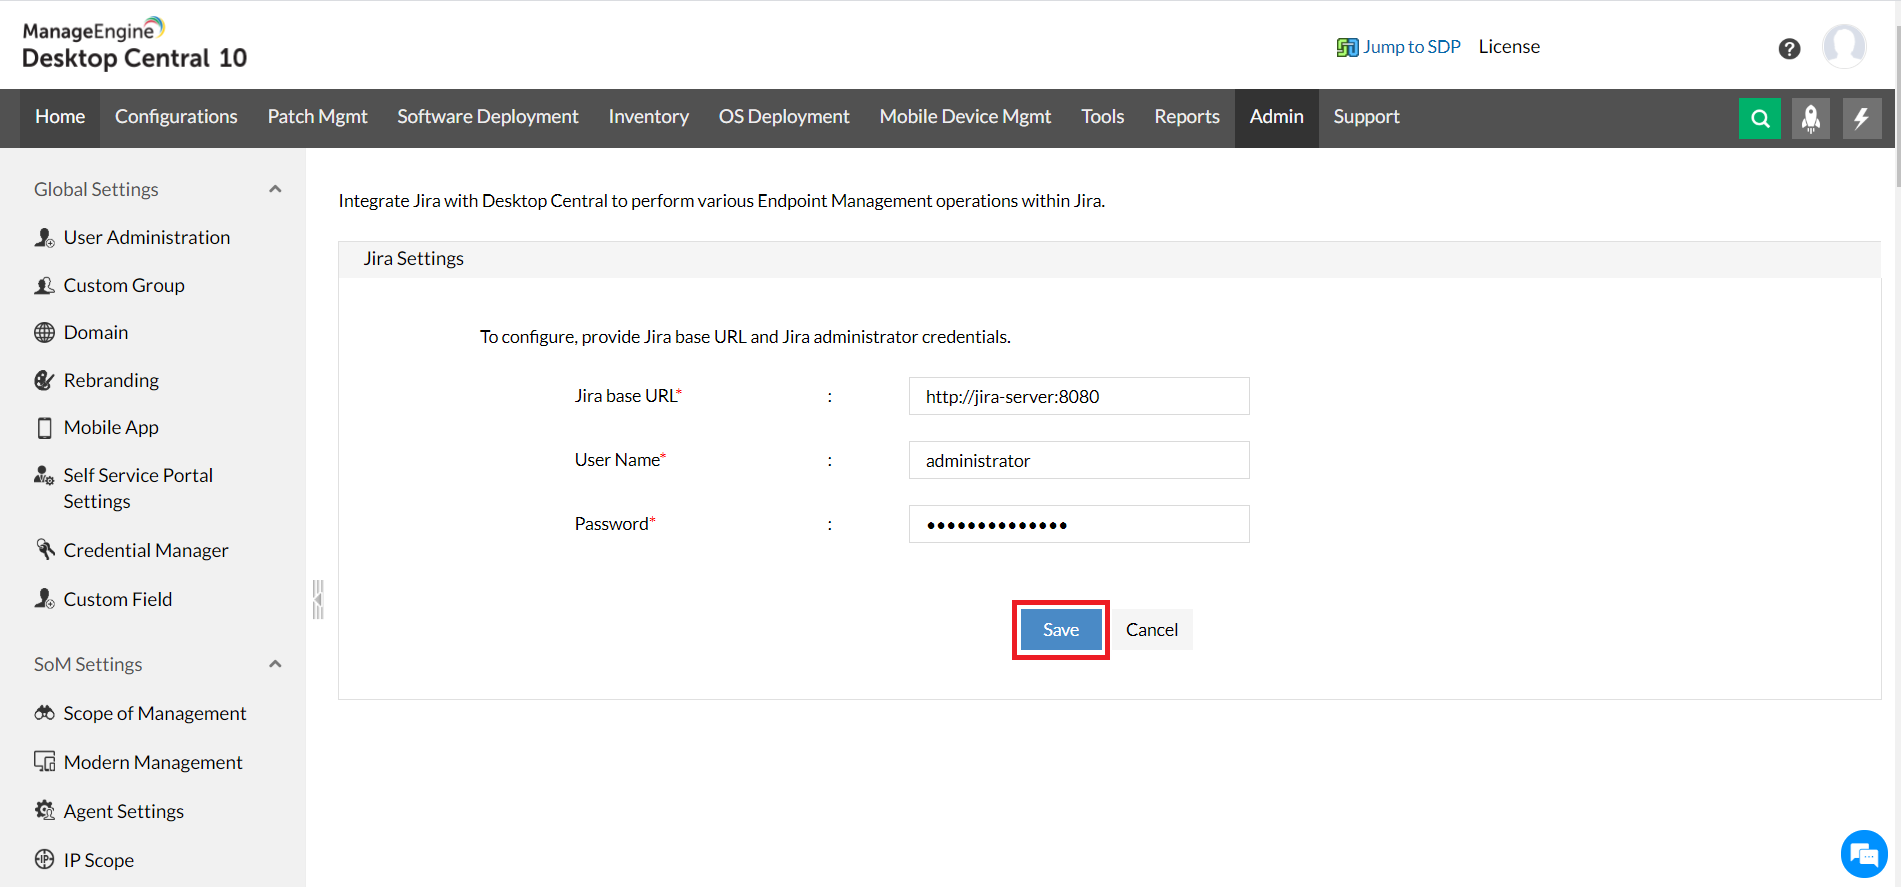 Dashboard administracion credenciales jira ManageEngine Desktop Central